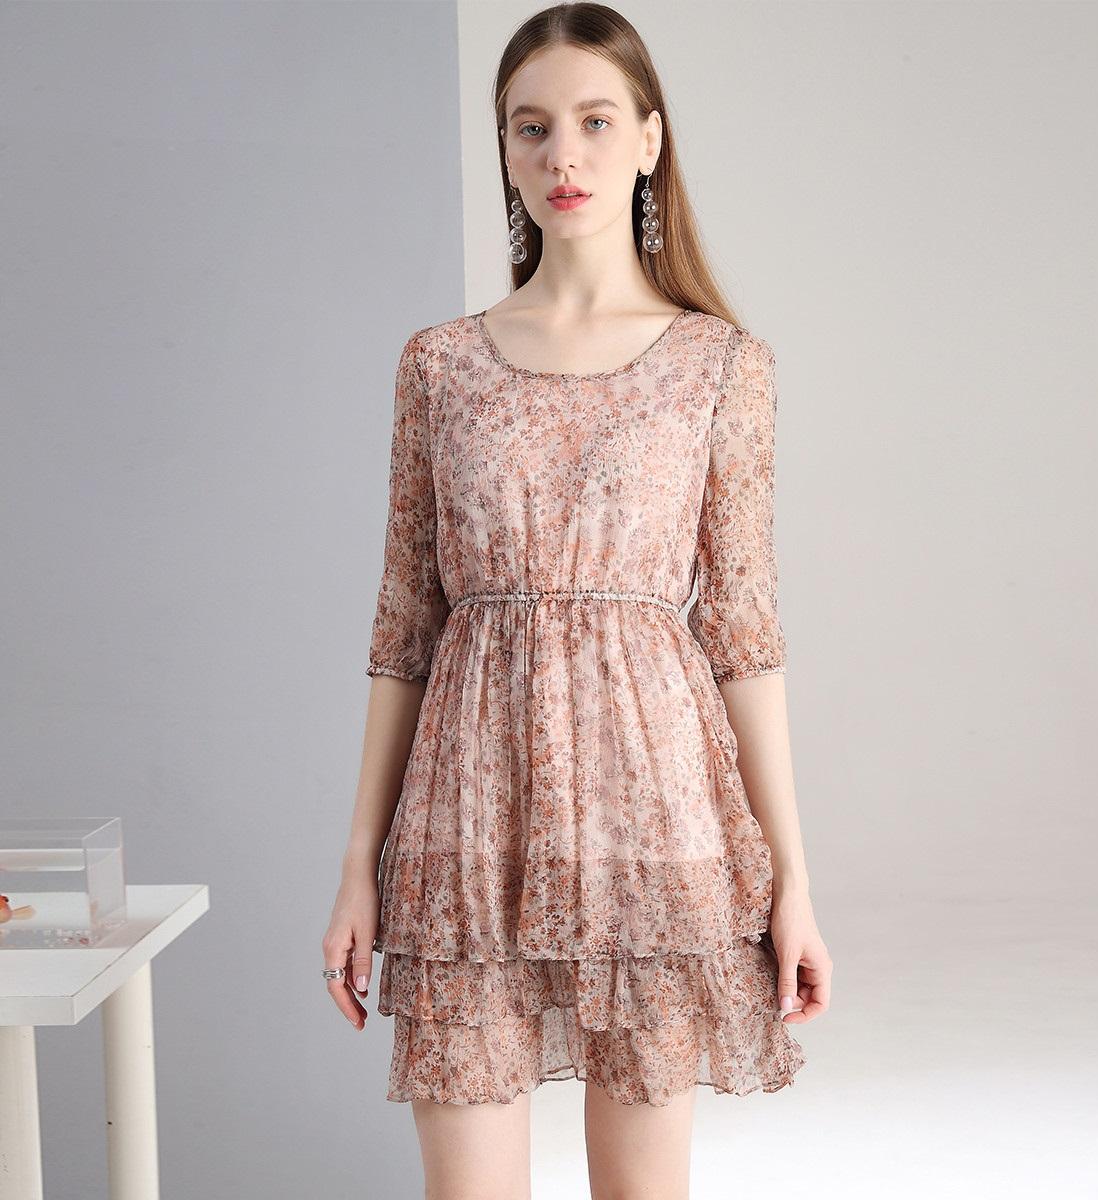 加盟戈蔓婷品牌女装做自信魅力的女人 服装与你永相伴!